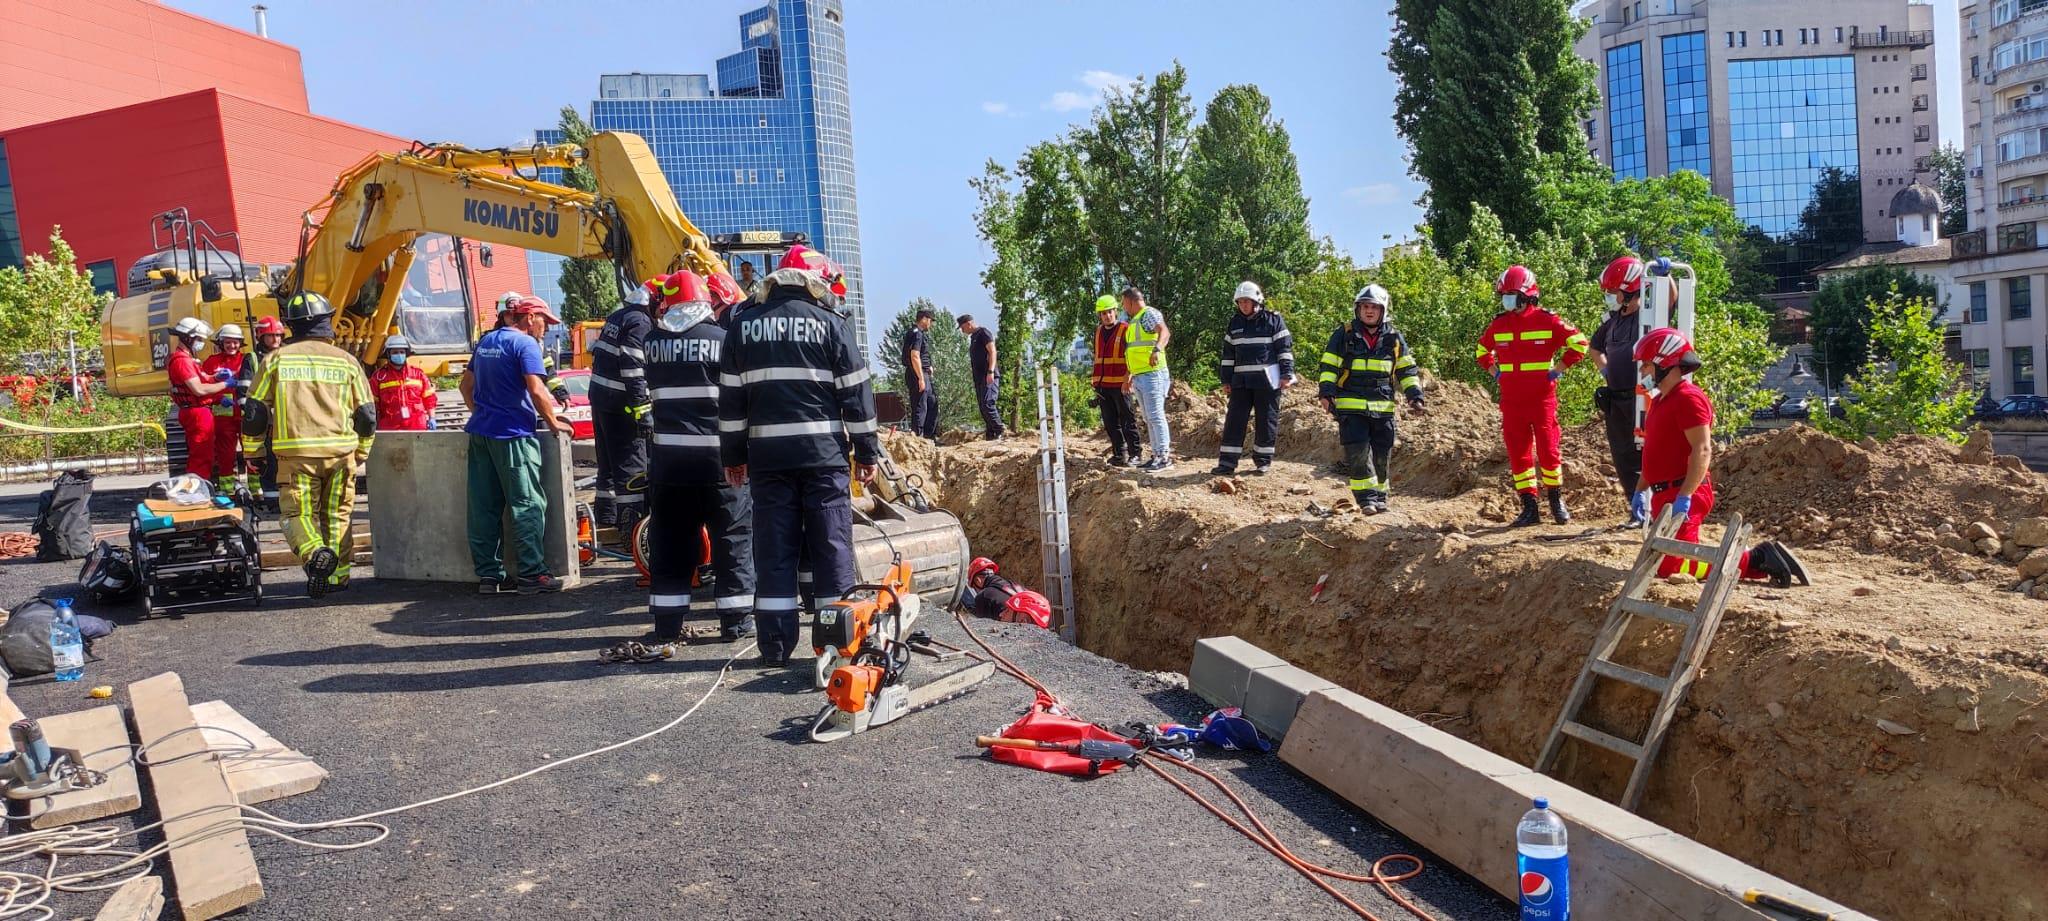 Un mal de pământ s-a prăbușit peste mai mulți muncitori pe un șantier din Capitală. Doi oameni au murit